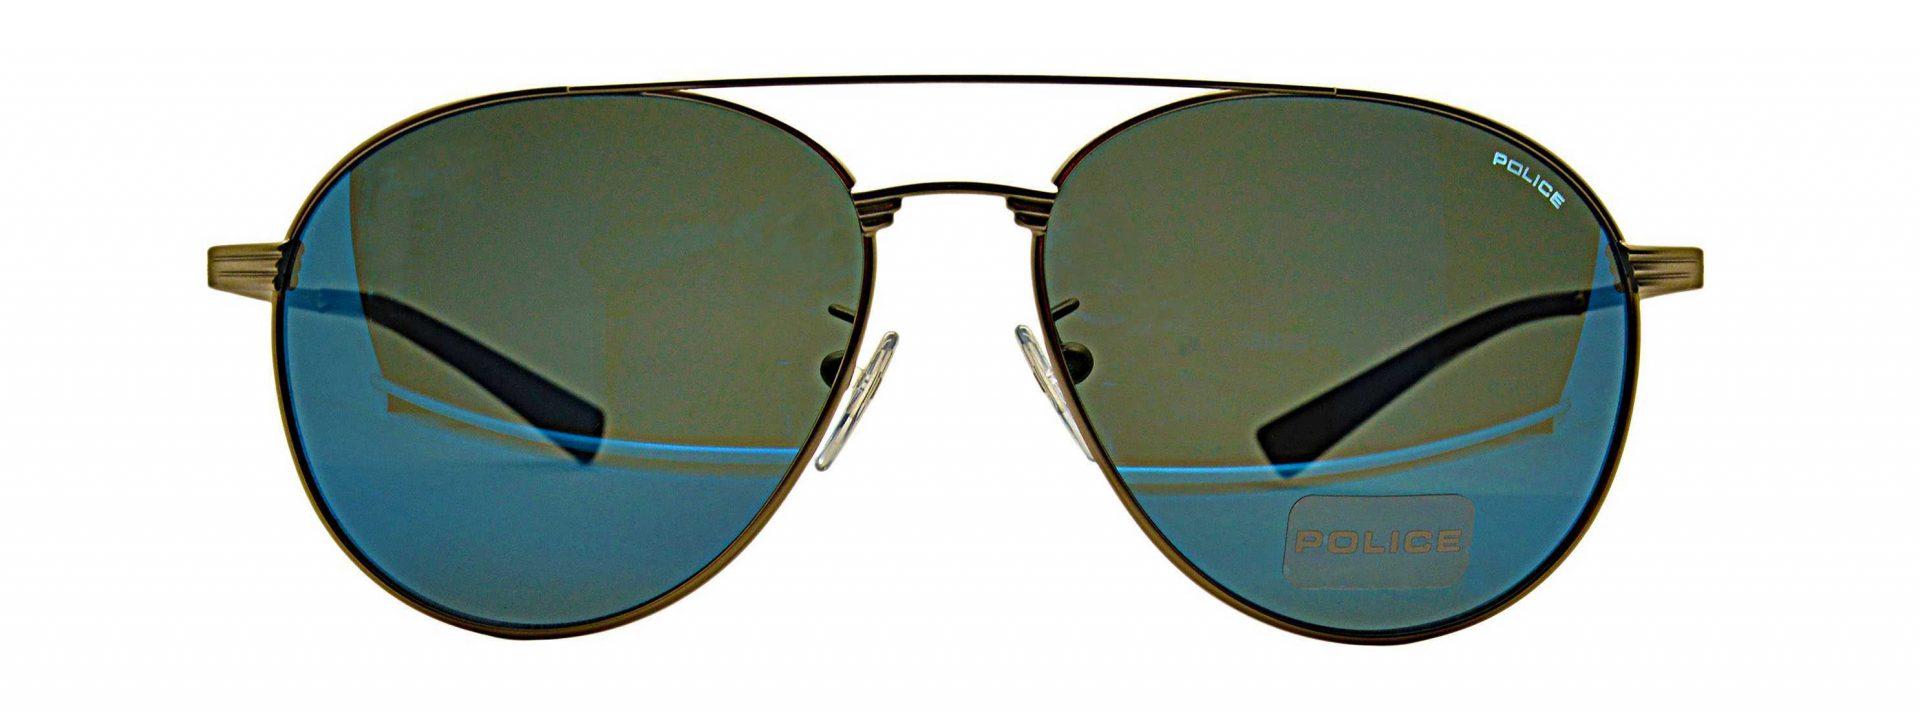 Police Sunglasses Rival 2 8953k 581b 1 2970x1100